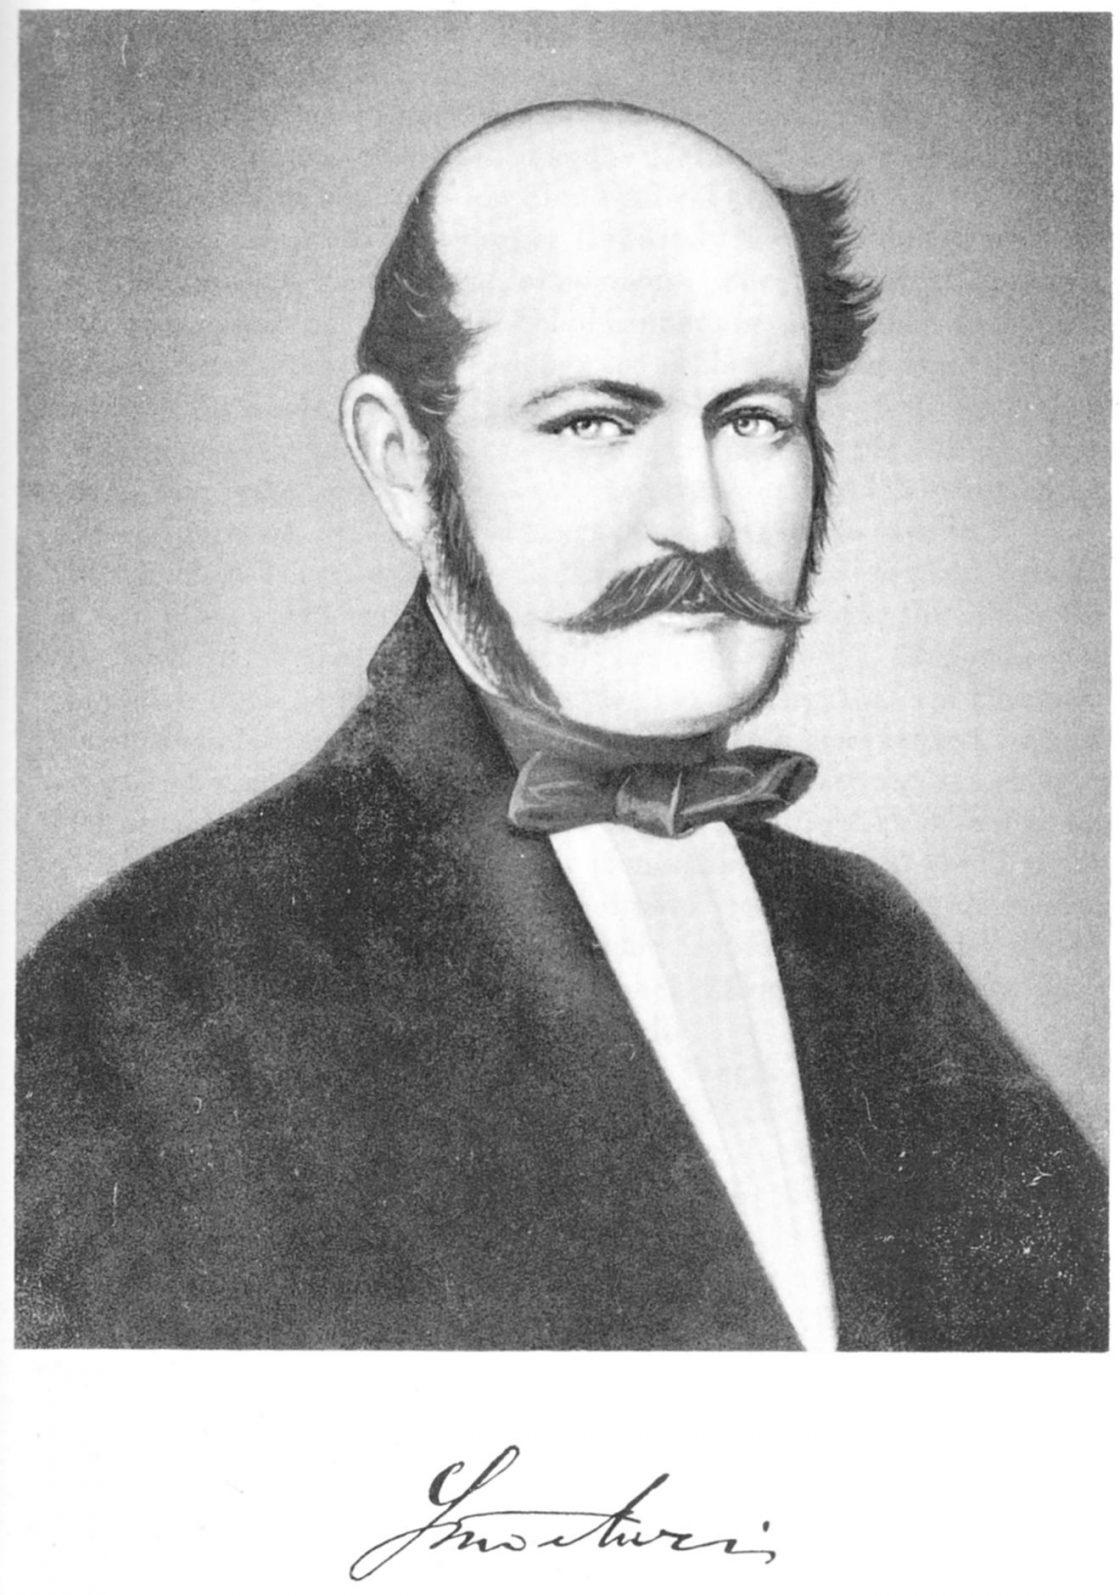 El análisis grafológico de Ignaz Semmelweis es decidido.